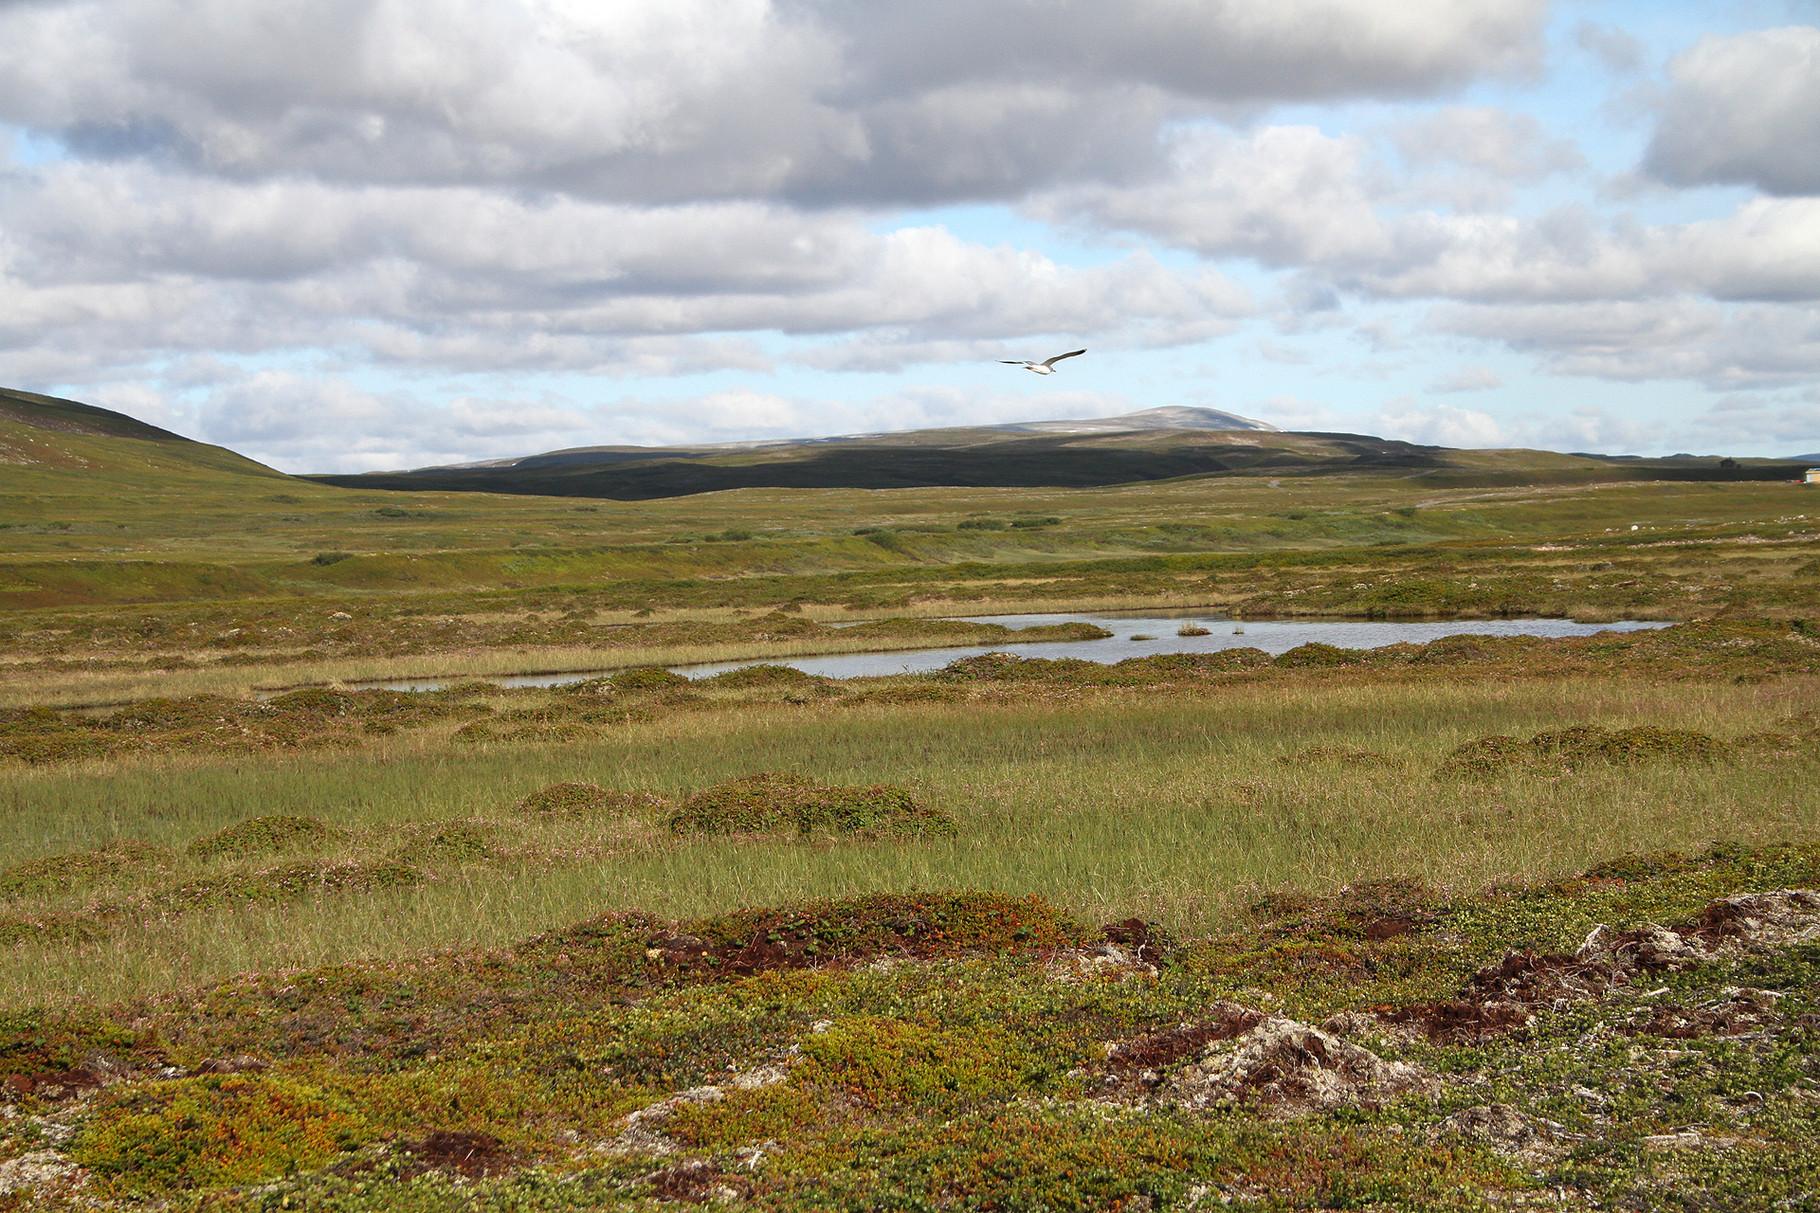 Beim Dorf Komagvaer führt eine Schotterstrasse ins Landesinnere durch schöne Tundra-Landschaft